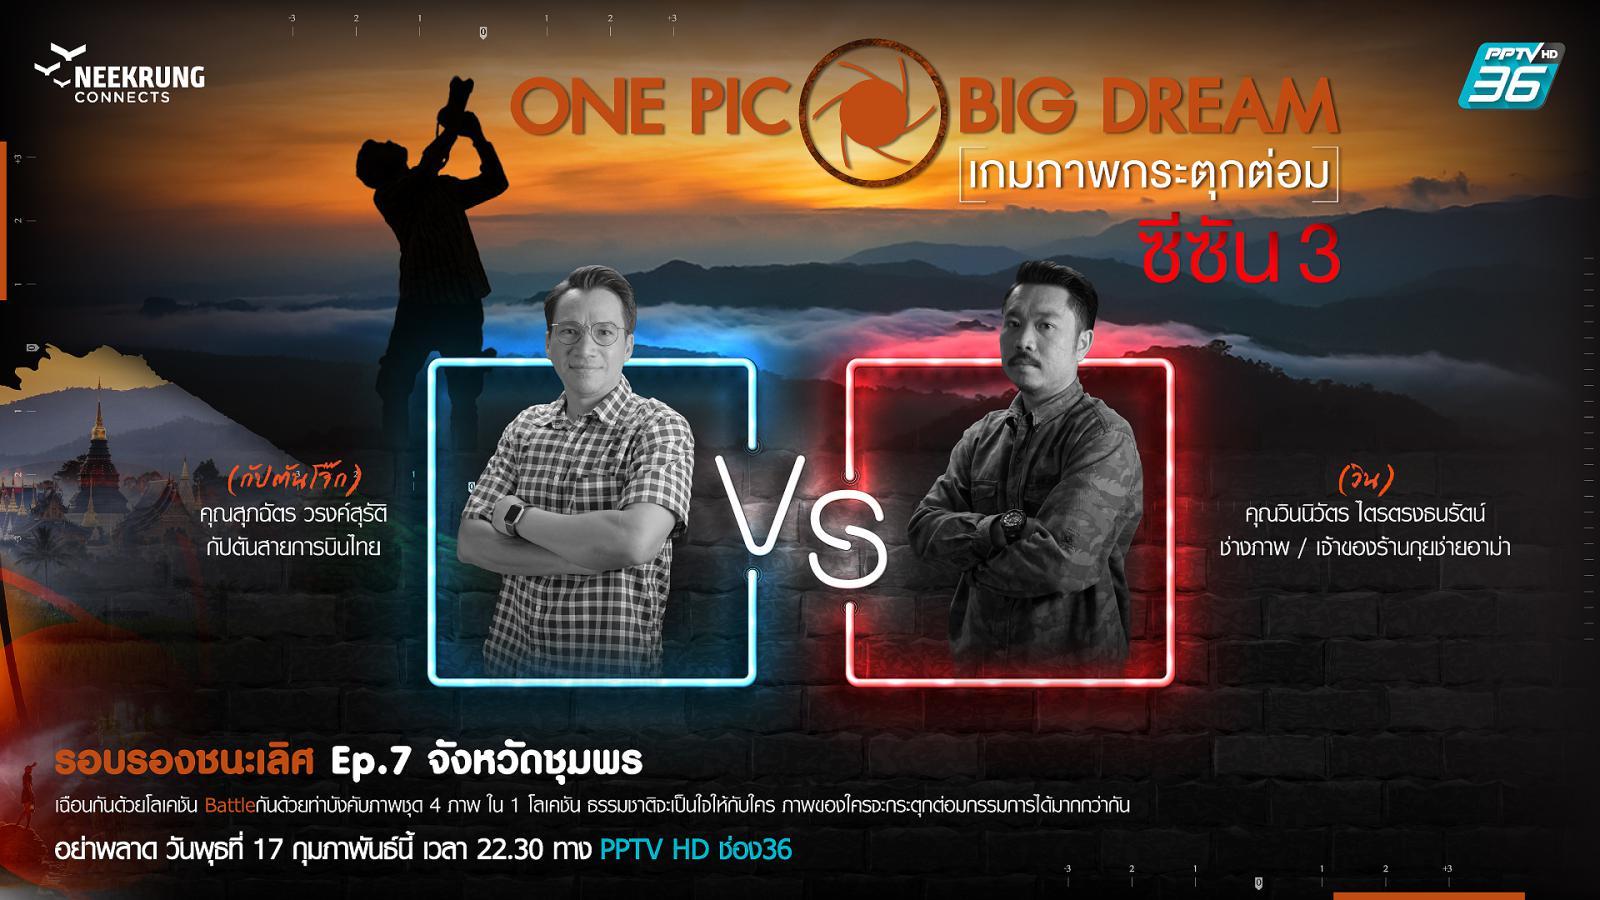 ภาพอันซีน จ.ลำปาง ที่ชนะใจกรรมการ | ONE PIC BIG DREAM เกมภาพกระตุกต่อม ซีซัน 3 EP.7